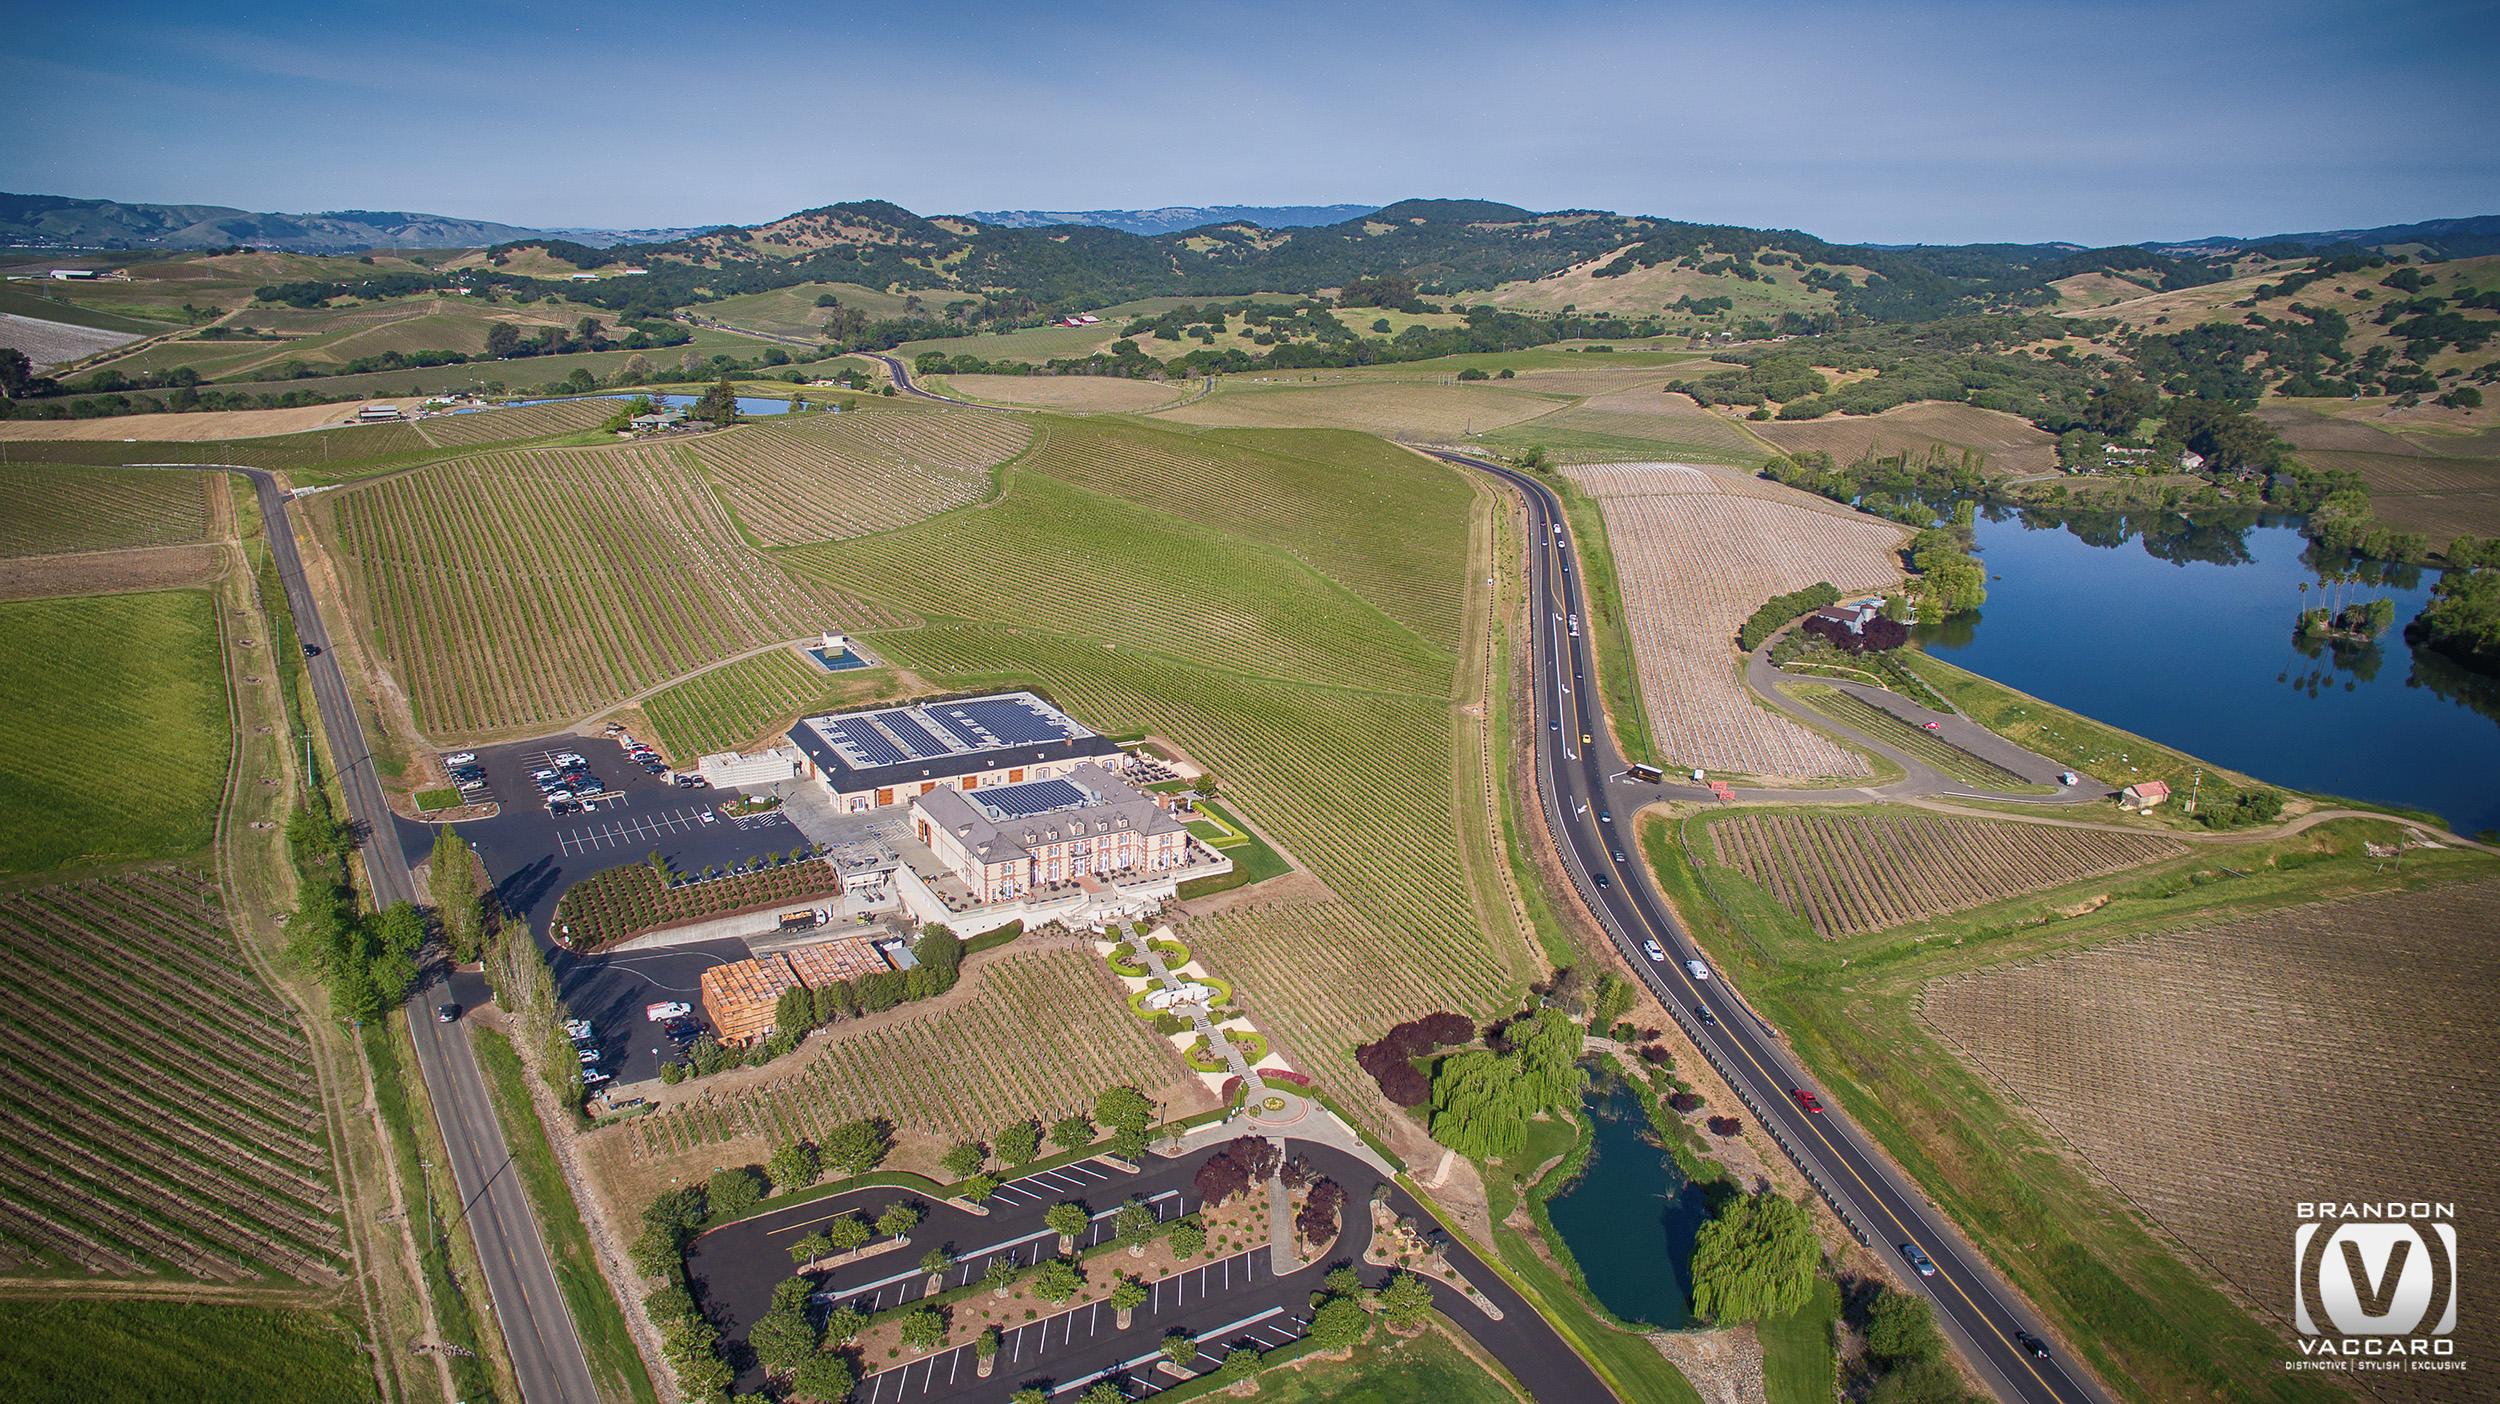 drone-napa-valley-domaine-carneros.jpg